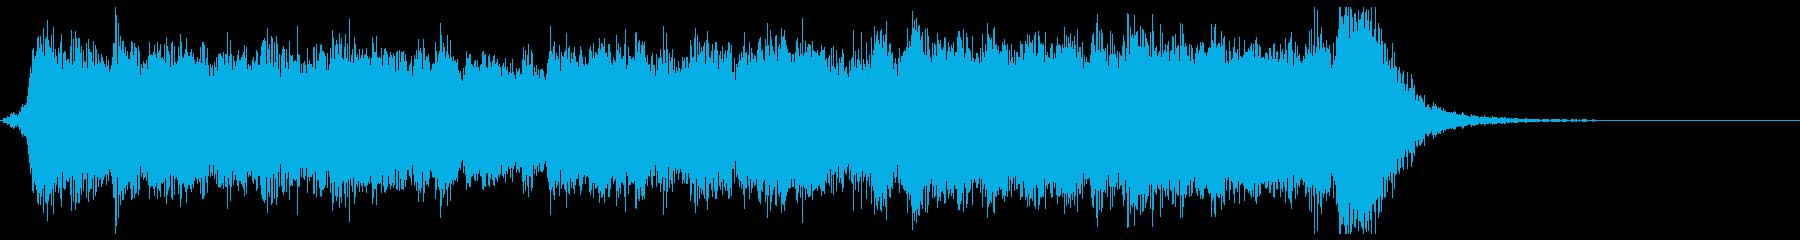 期待が高まるフルオケジングル合唱抜の再生済みの波形